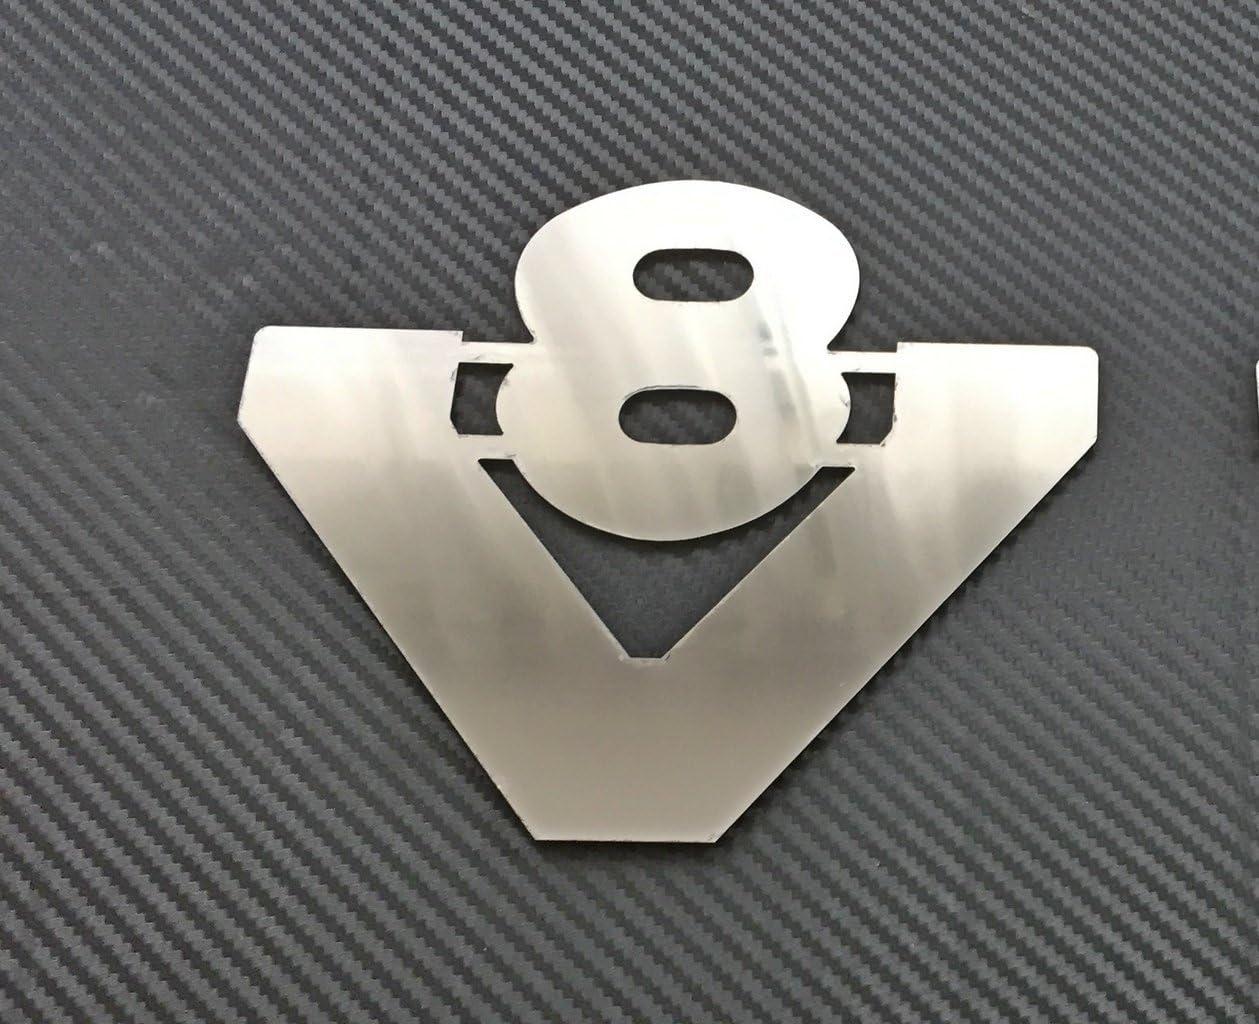 Black 1 PC For Scania Griffin Badge 80mm 1401610 GRIFFIN V8 TOPL Truck Logo Custom Grille Badge With Orange LED Lighting Up Emblem